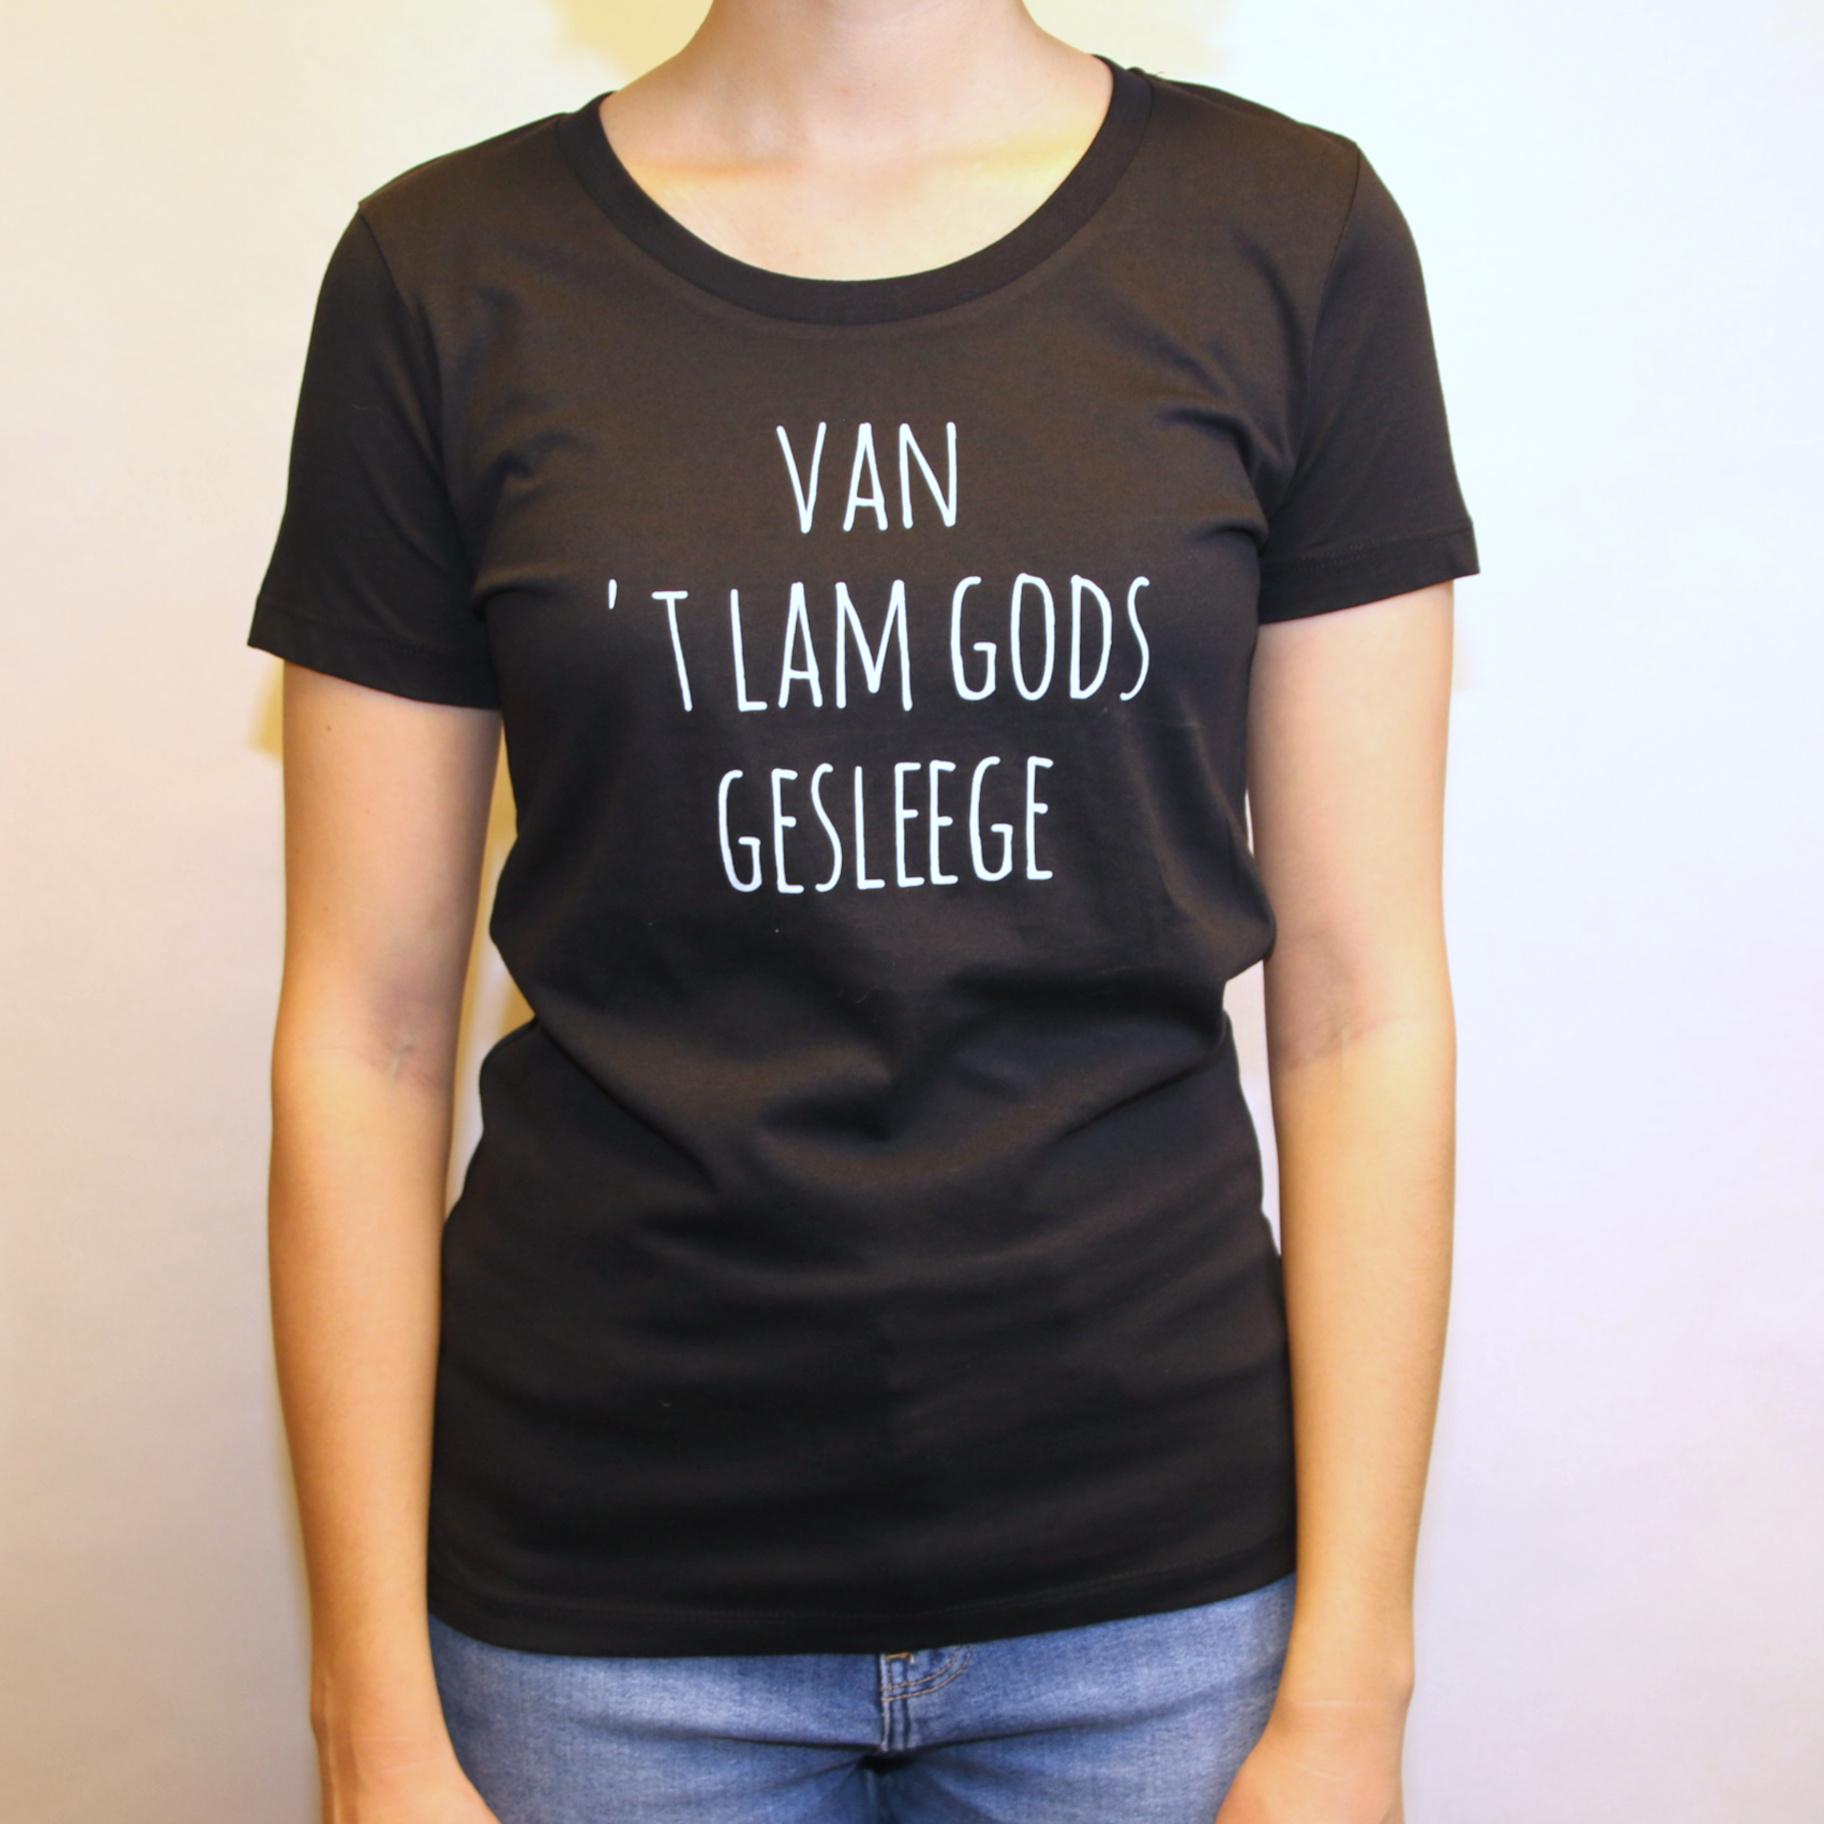 Negenduust T-shirt van 'Lam Gods gesleege - vrouwenmodel zwart - Negenduust